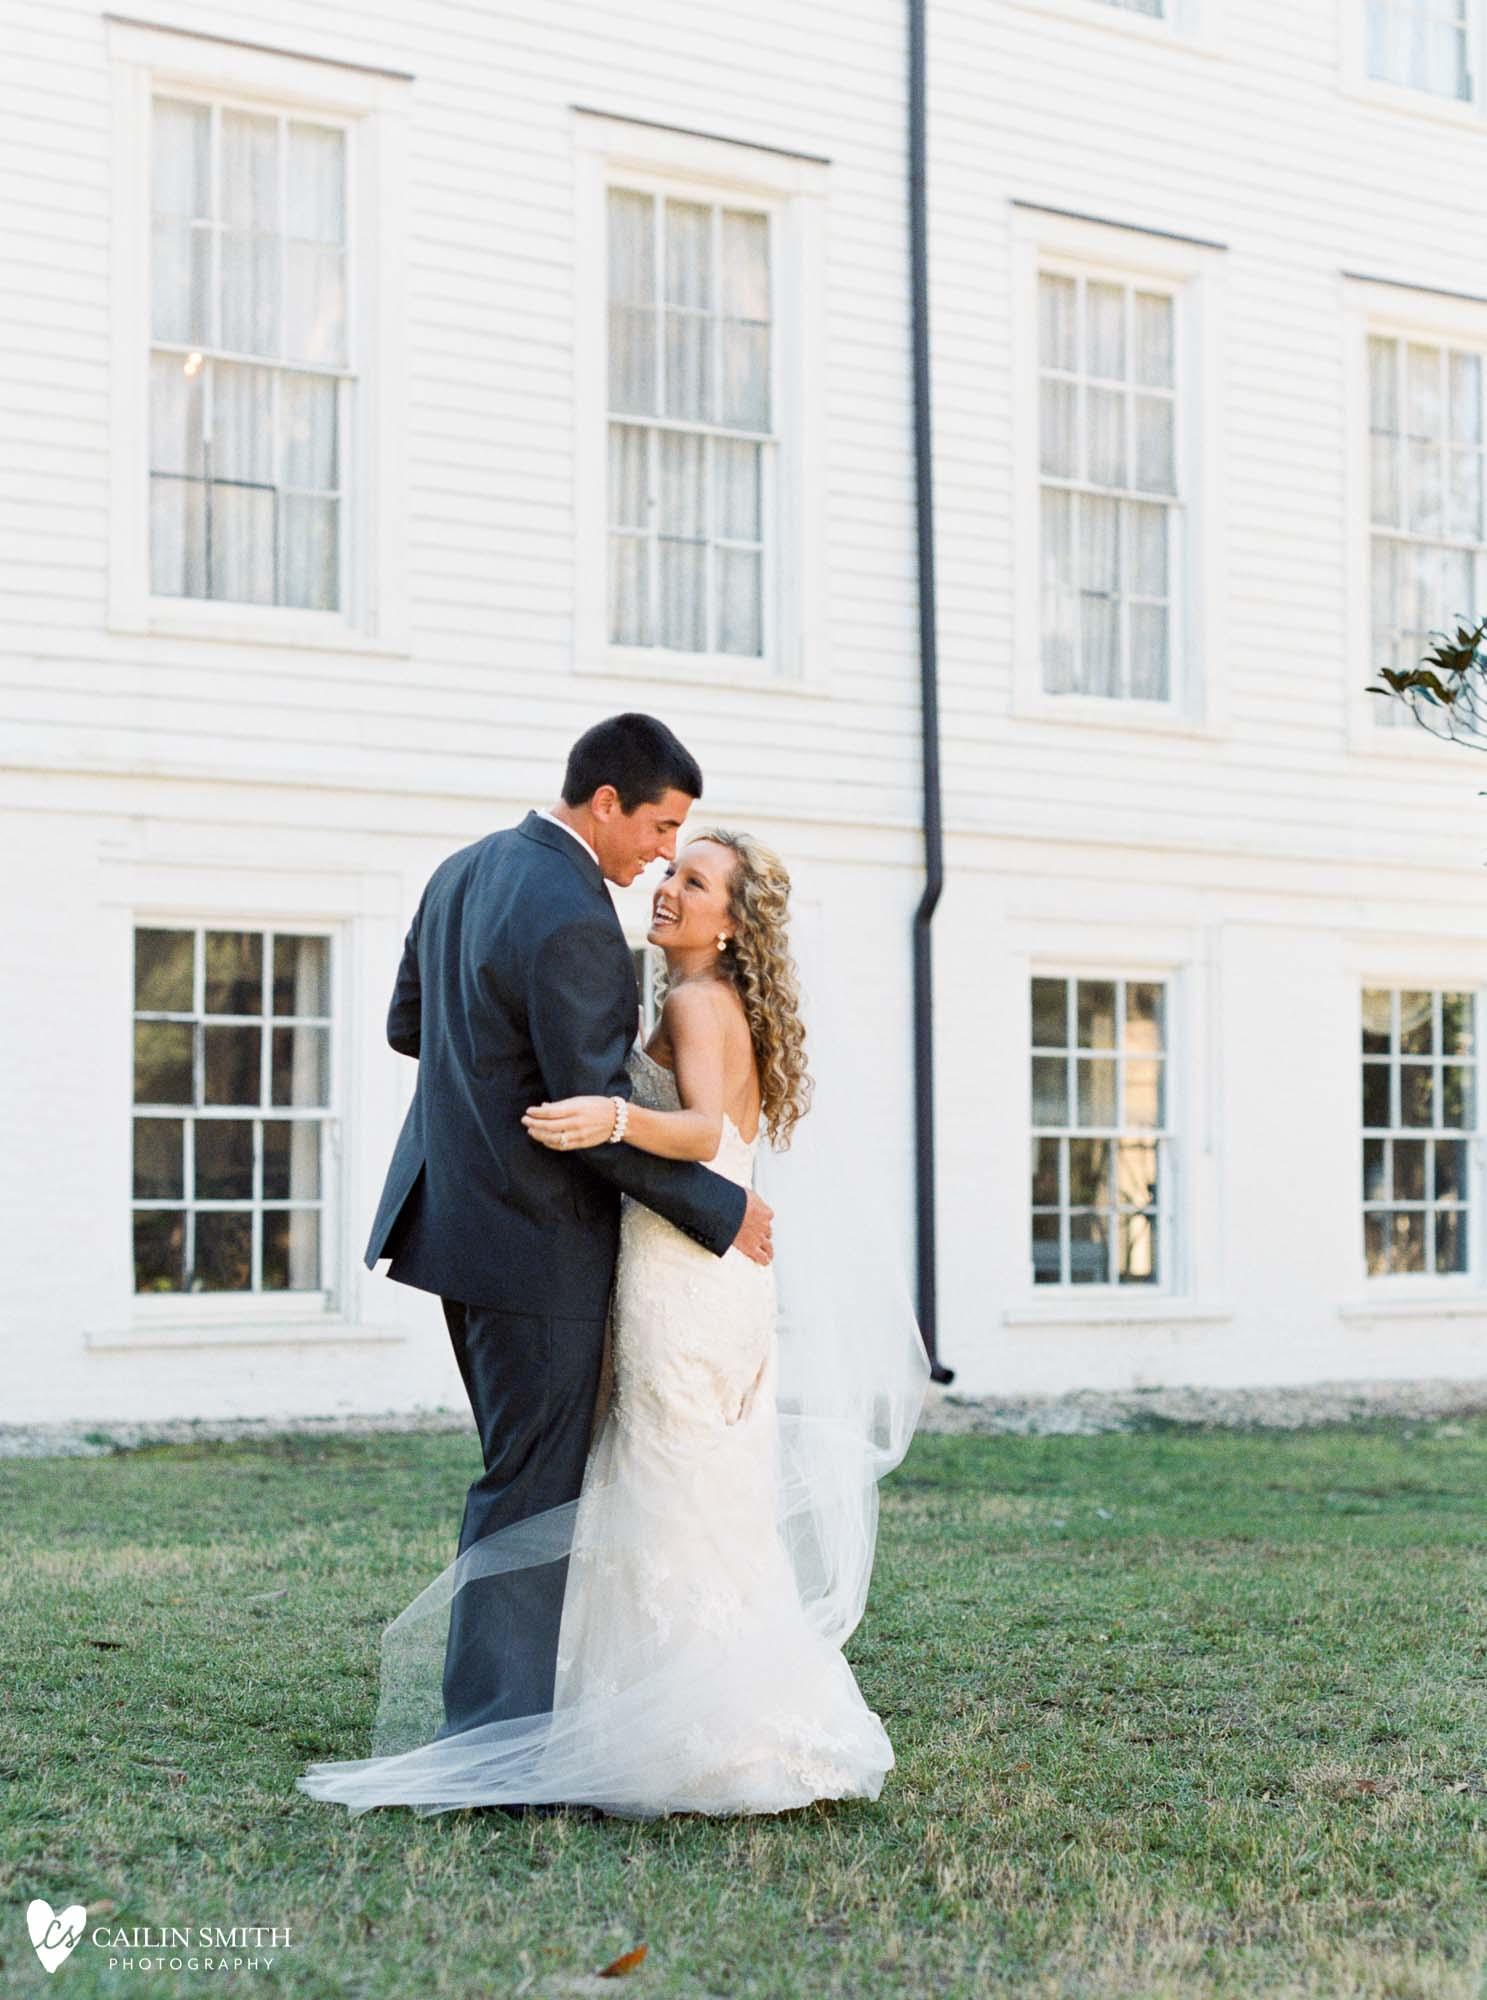 Leah_Major_St_Marys_Wedding_Photography_053.jpg